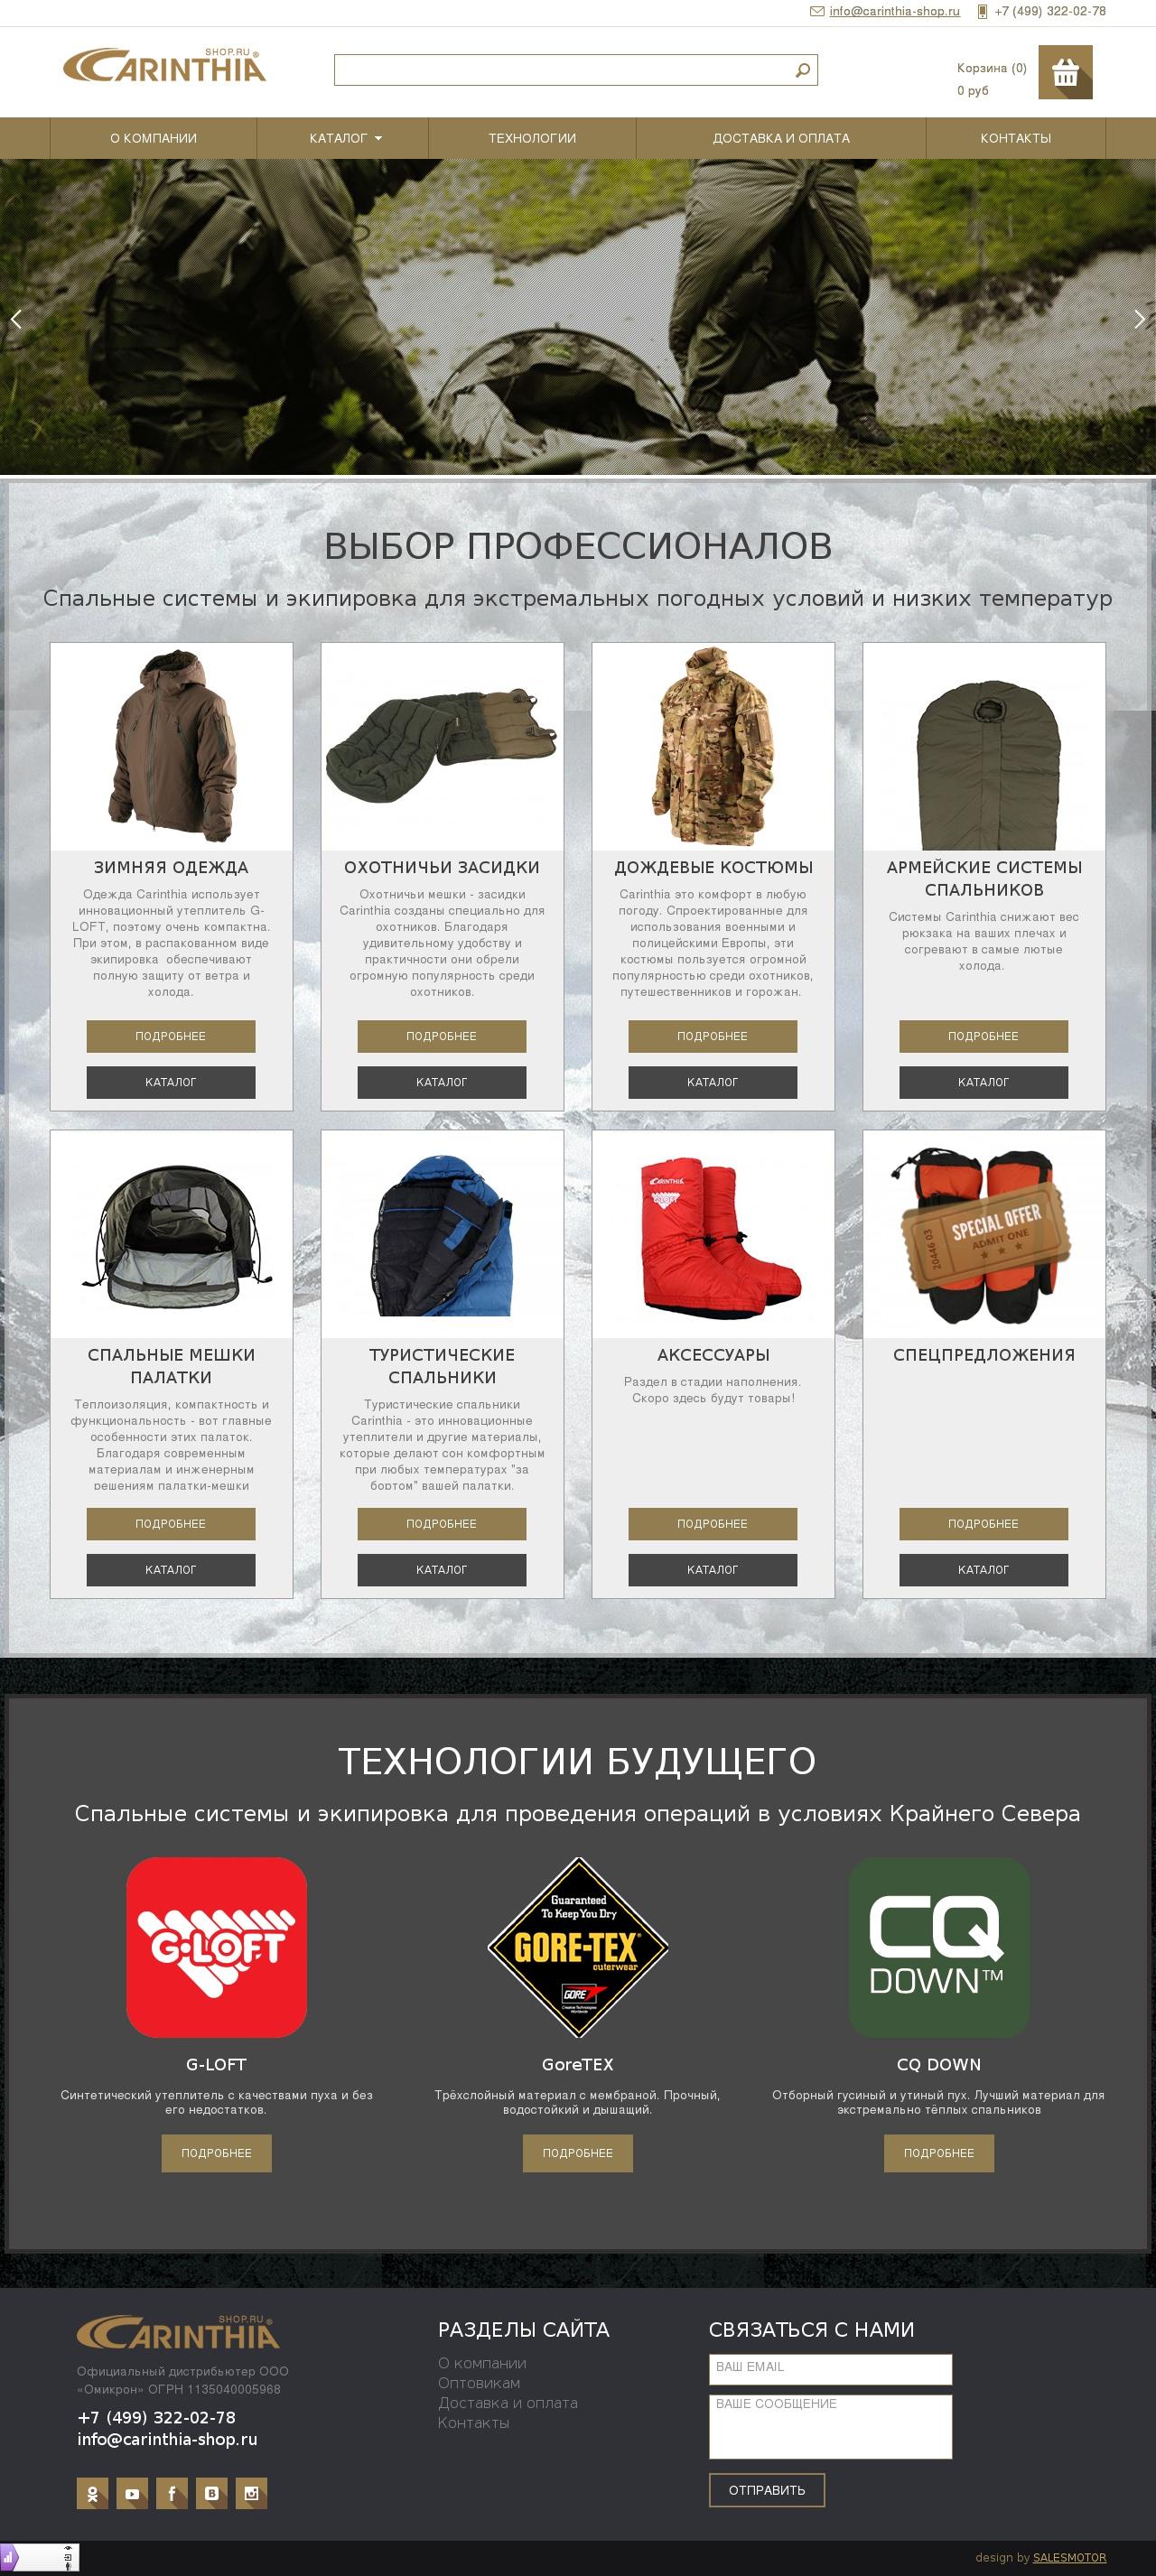 www.carinthia-shop.ru-20150521-14b61b8a9a060220dcc35dd4980a454c